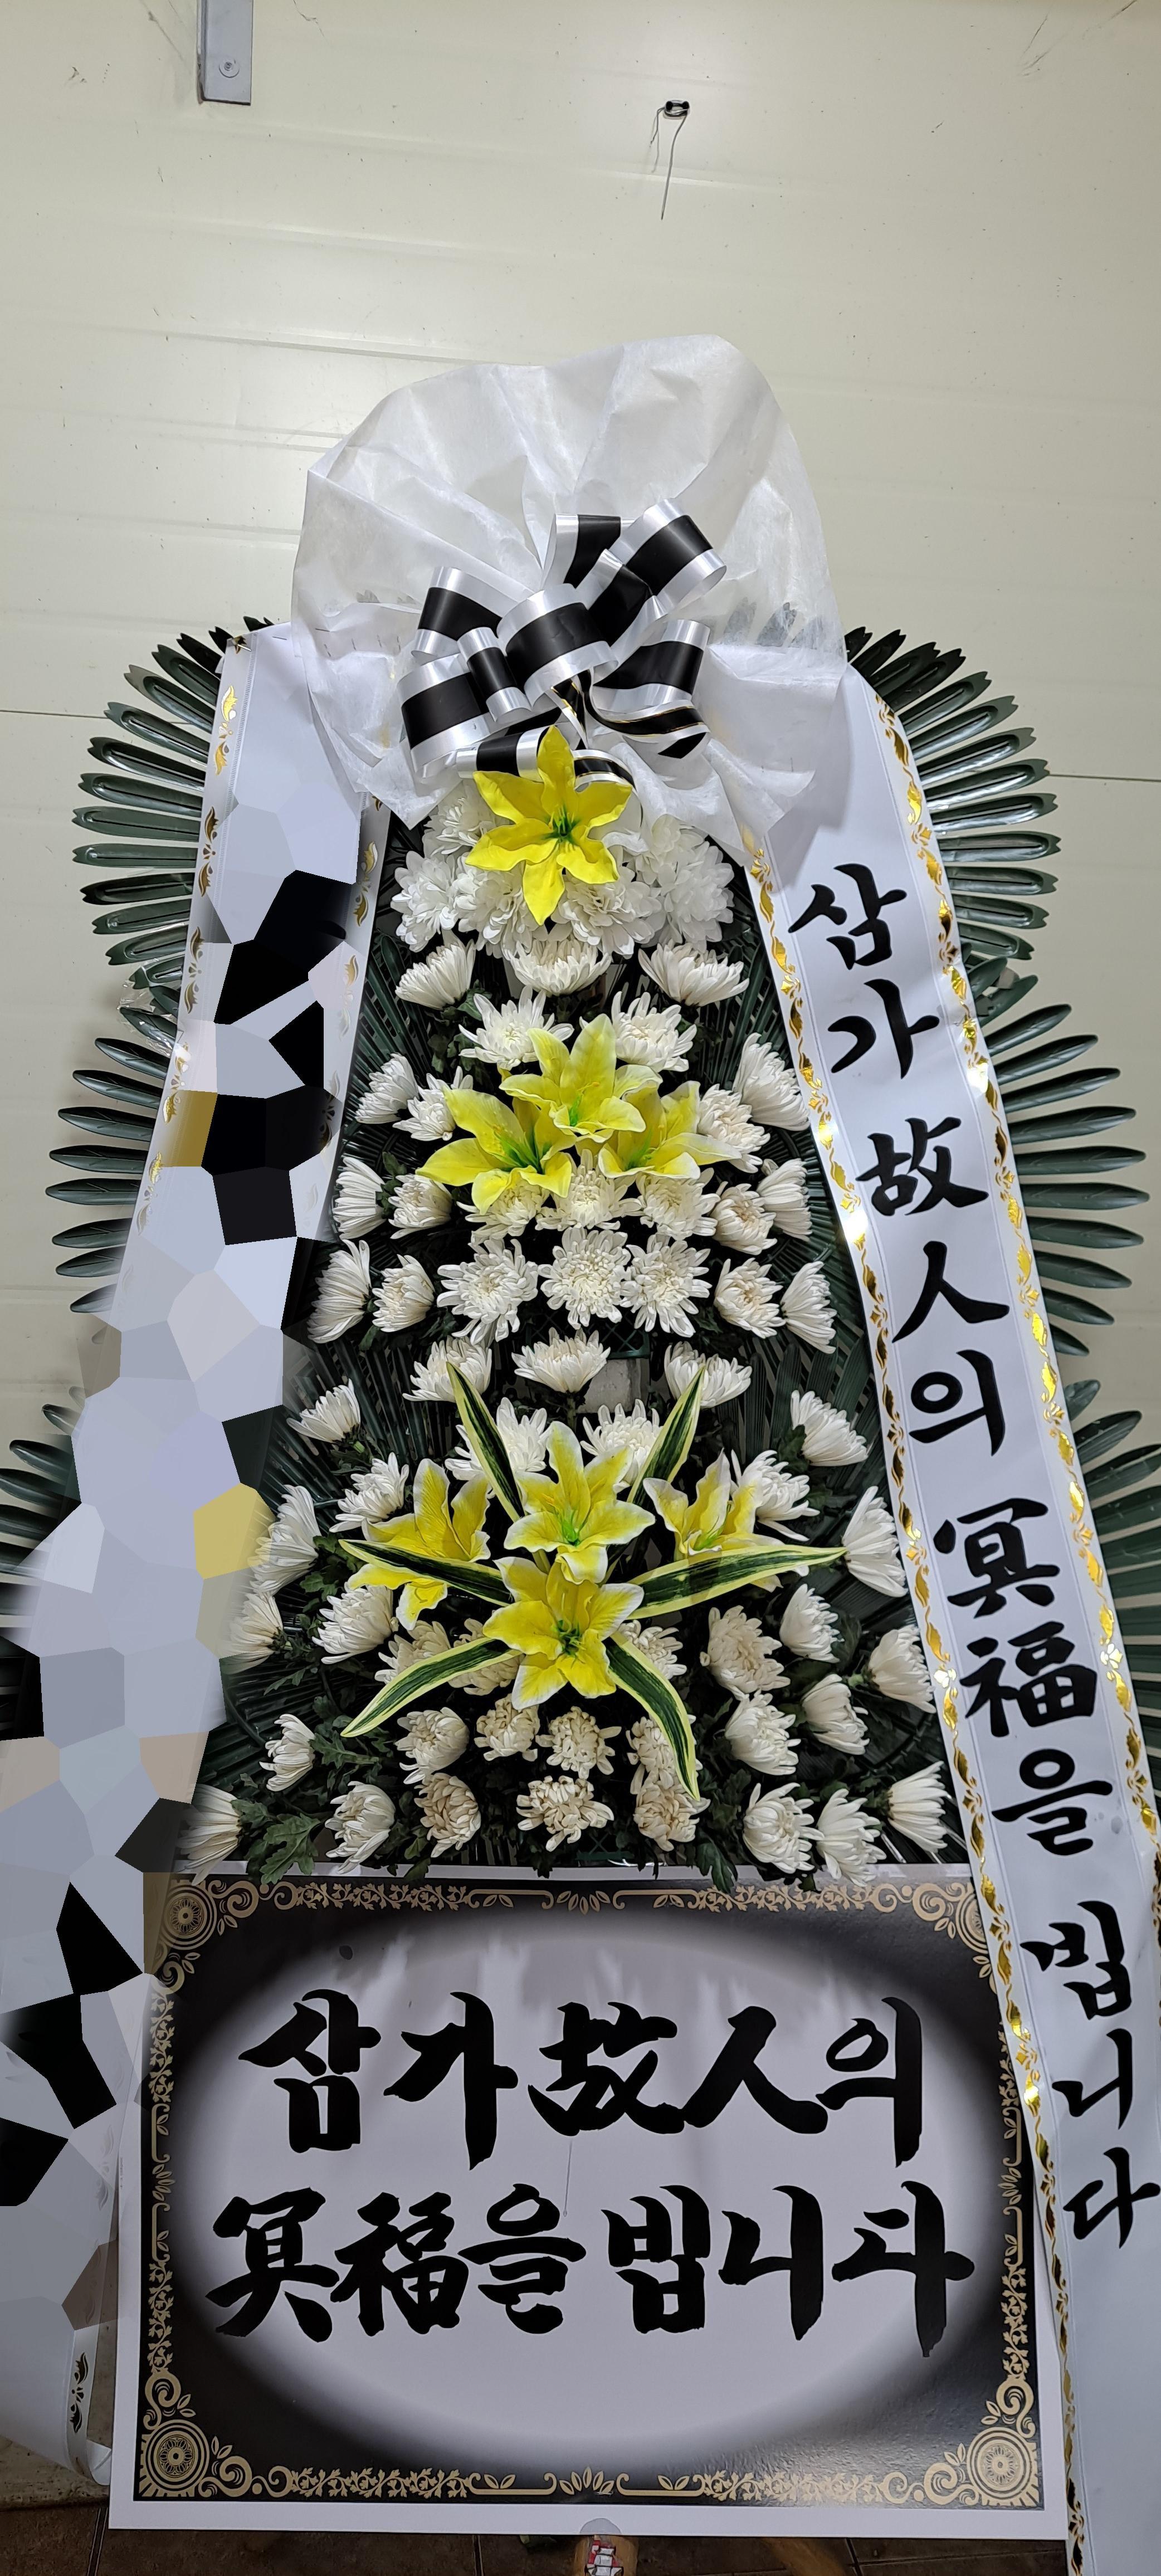 전북 익산 김00 주문자께 배송된 상품사진입니다